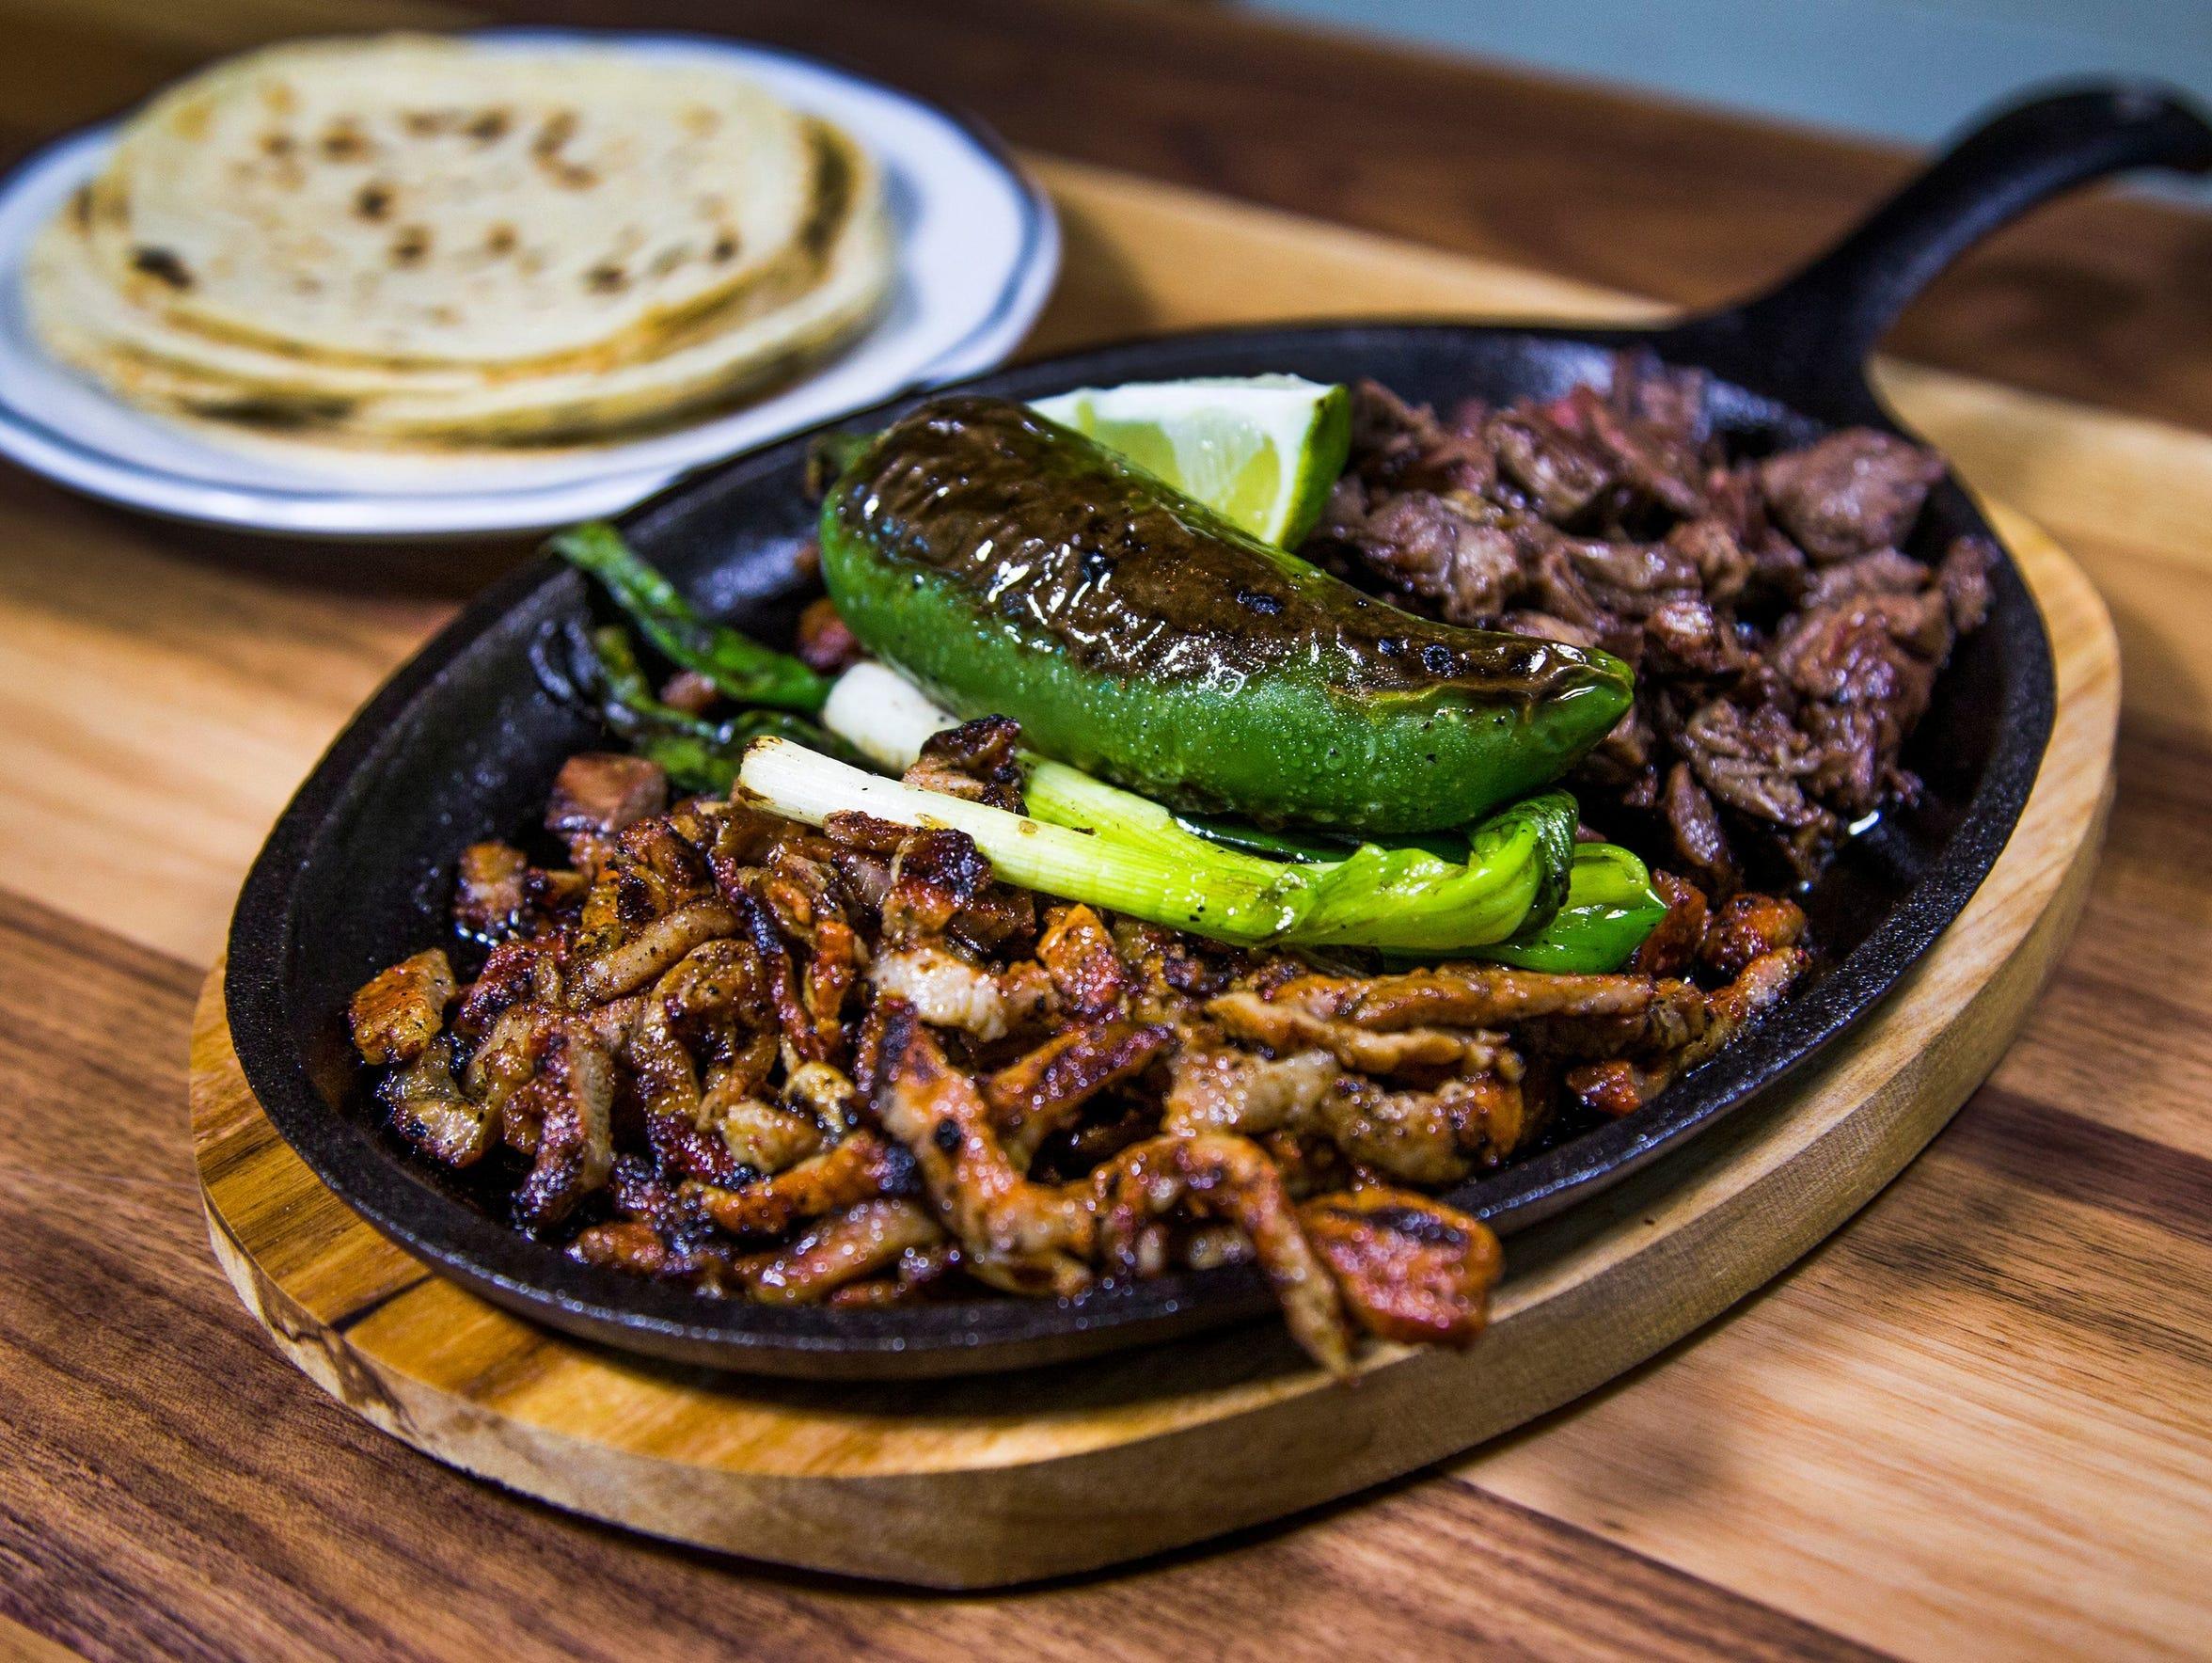 La Parillada carne asada al taspor from Gallo Blanco.